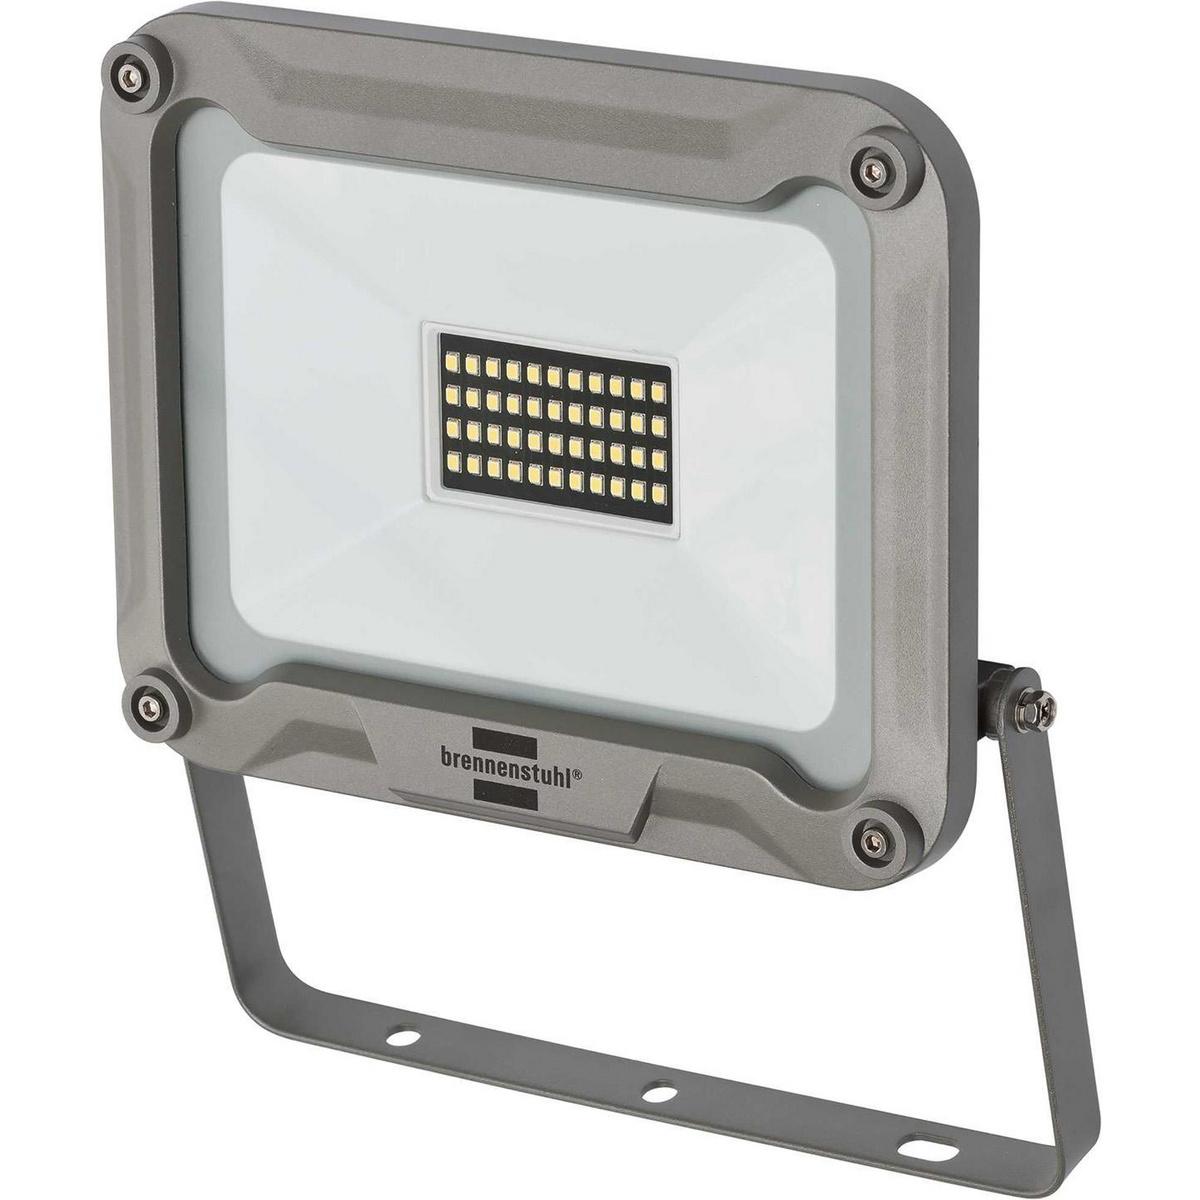 Adequado para instalação interna e externa, IP 65. Poderosa lâmpada 30 WLED com chip para montagem na parede, com distribuição de luz extra larga para iluminar uma superfície grande. Ideal para amadores, oficinas e canteiros de obras. Entradas iluminadas